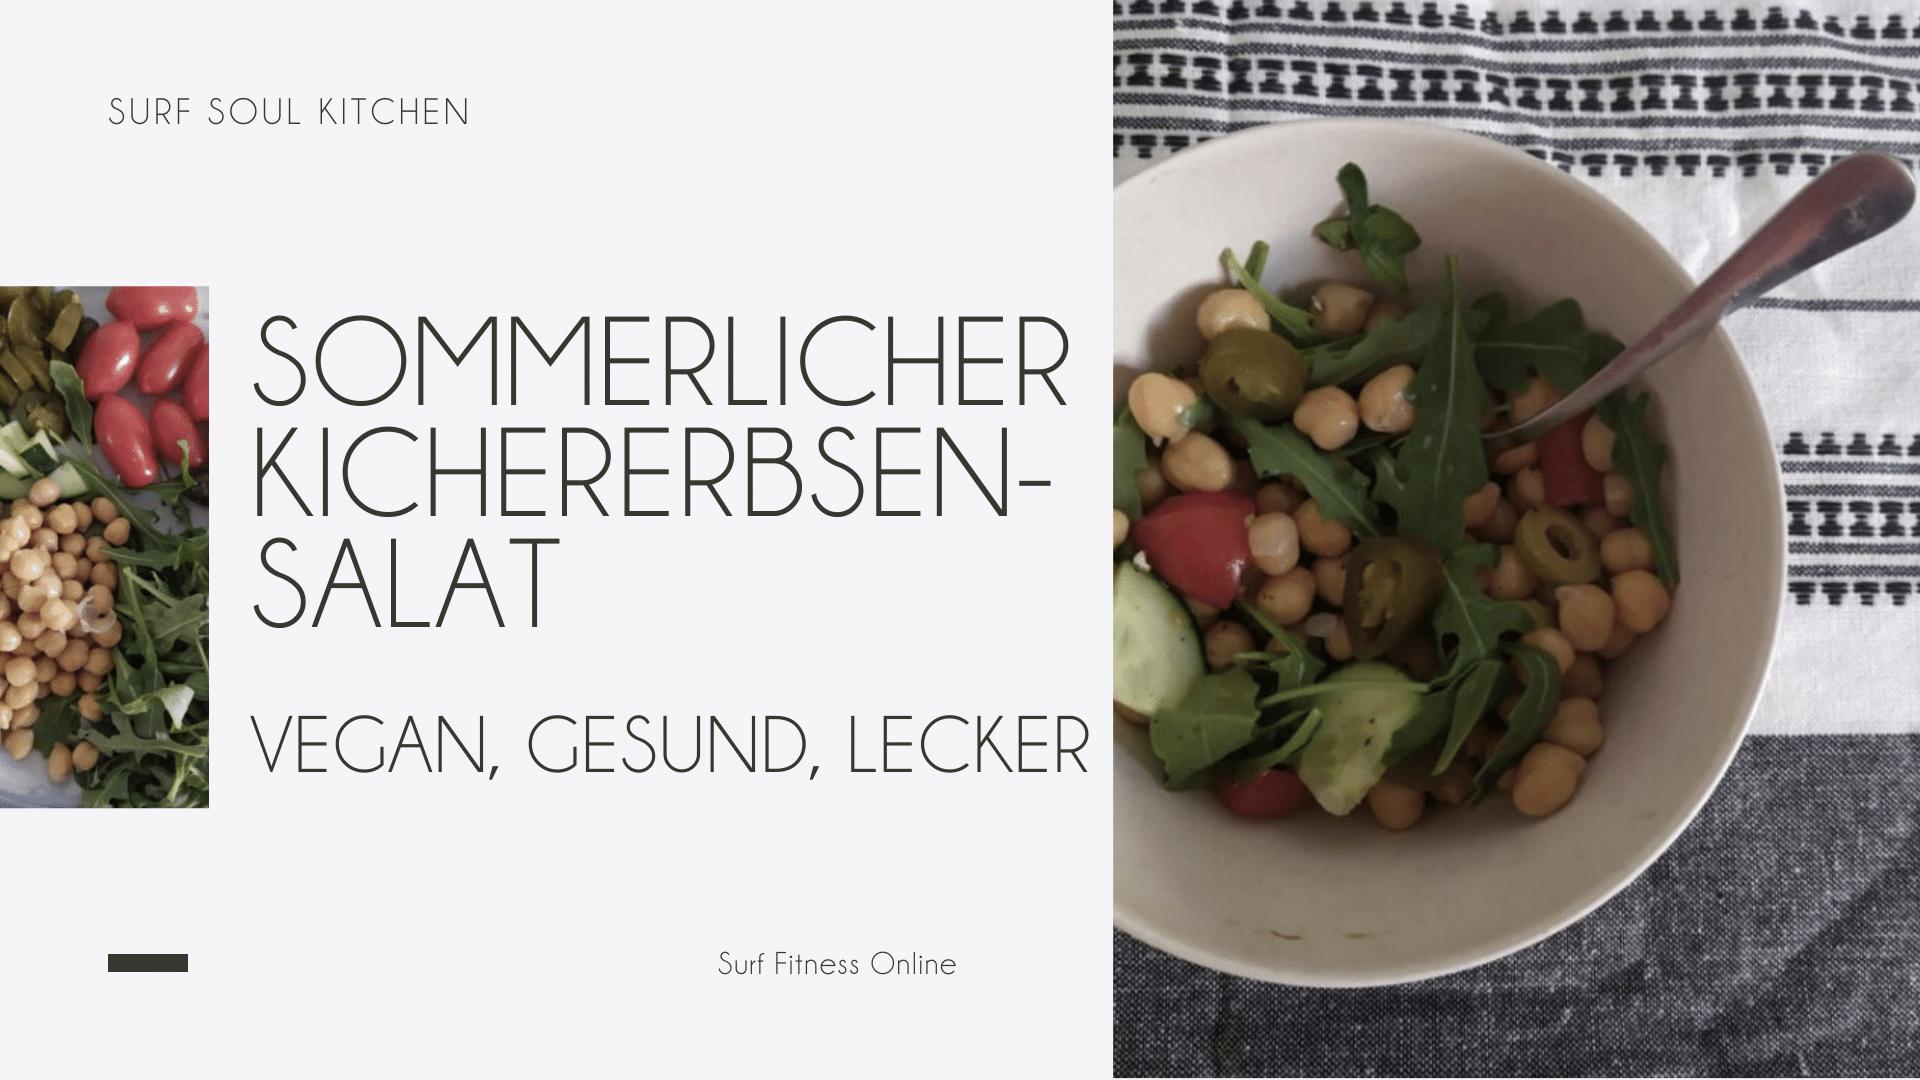 Sommerlicher Kichererbsensalat zum Grillen, vegane Grillrezepte